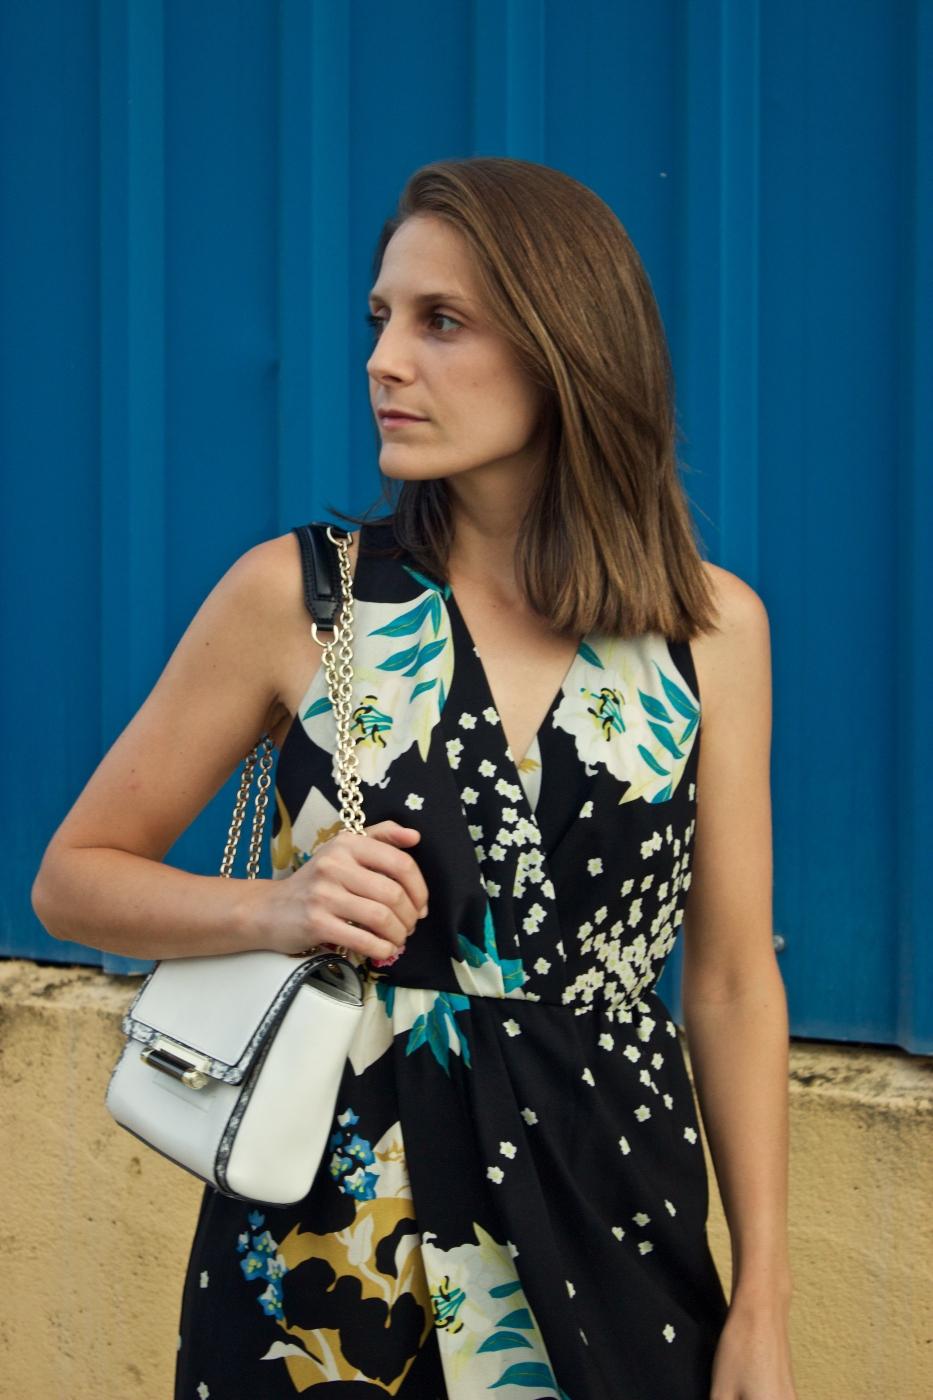 lara-vazquez-madlula-style-fashionblog-moda-streetstyle-long-dress